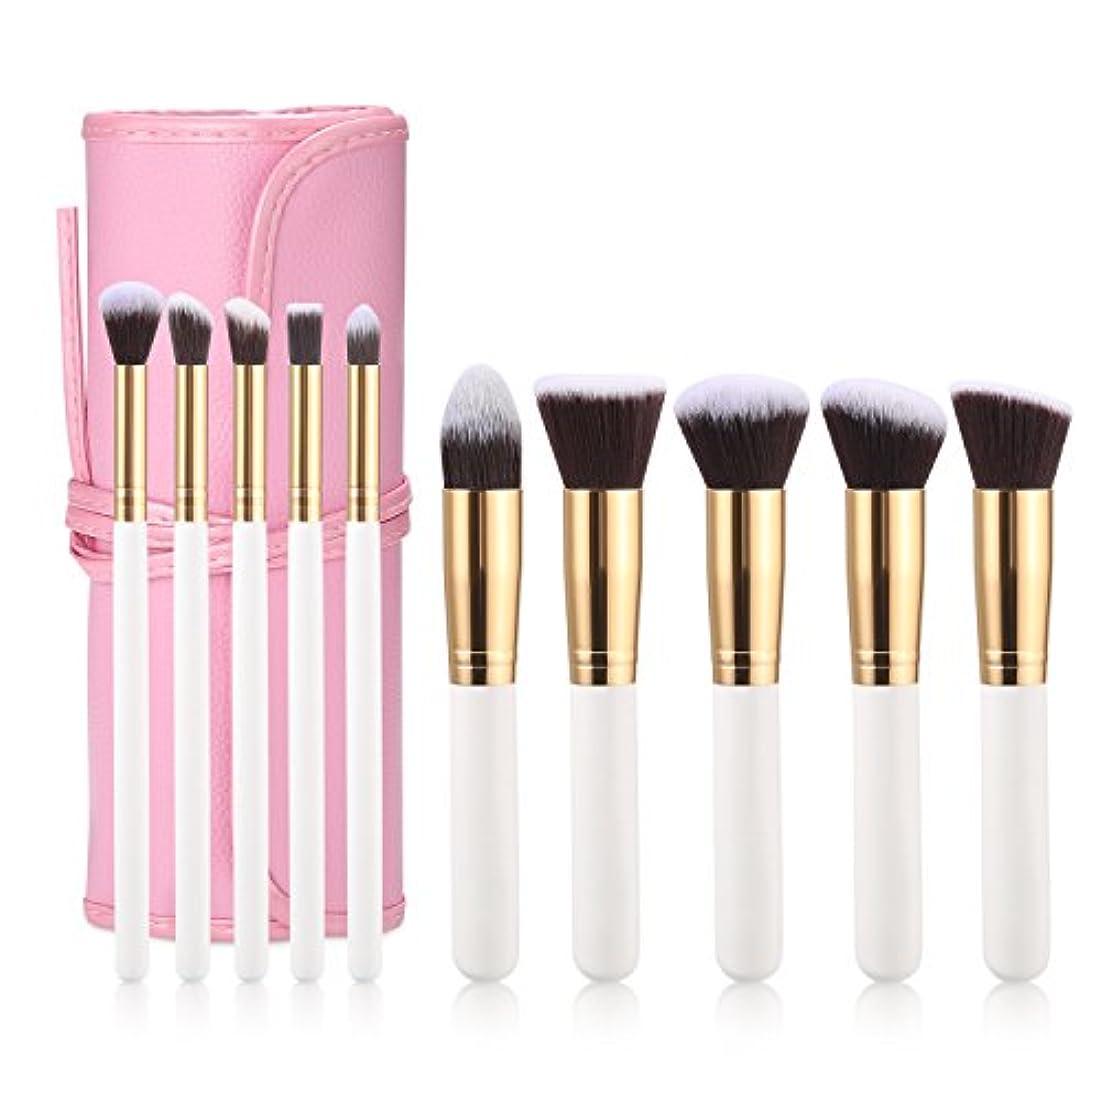 化粧ブラシをセット,化粧ブラシ 化粧筆 ,パウダーブラシ、ファンデーションブラシ、チークブラシ、ハイライトブラシ、アイ シャドウブラシ、アイライナーブラシ,リップブラシ,10本の化粧筆,良質の化粧品袋を配達する,高品質の...